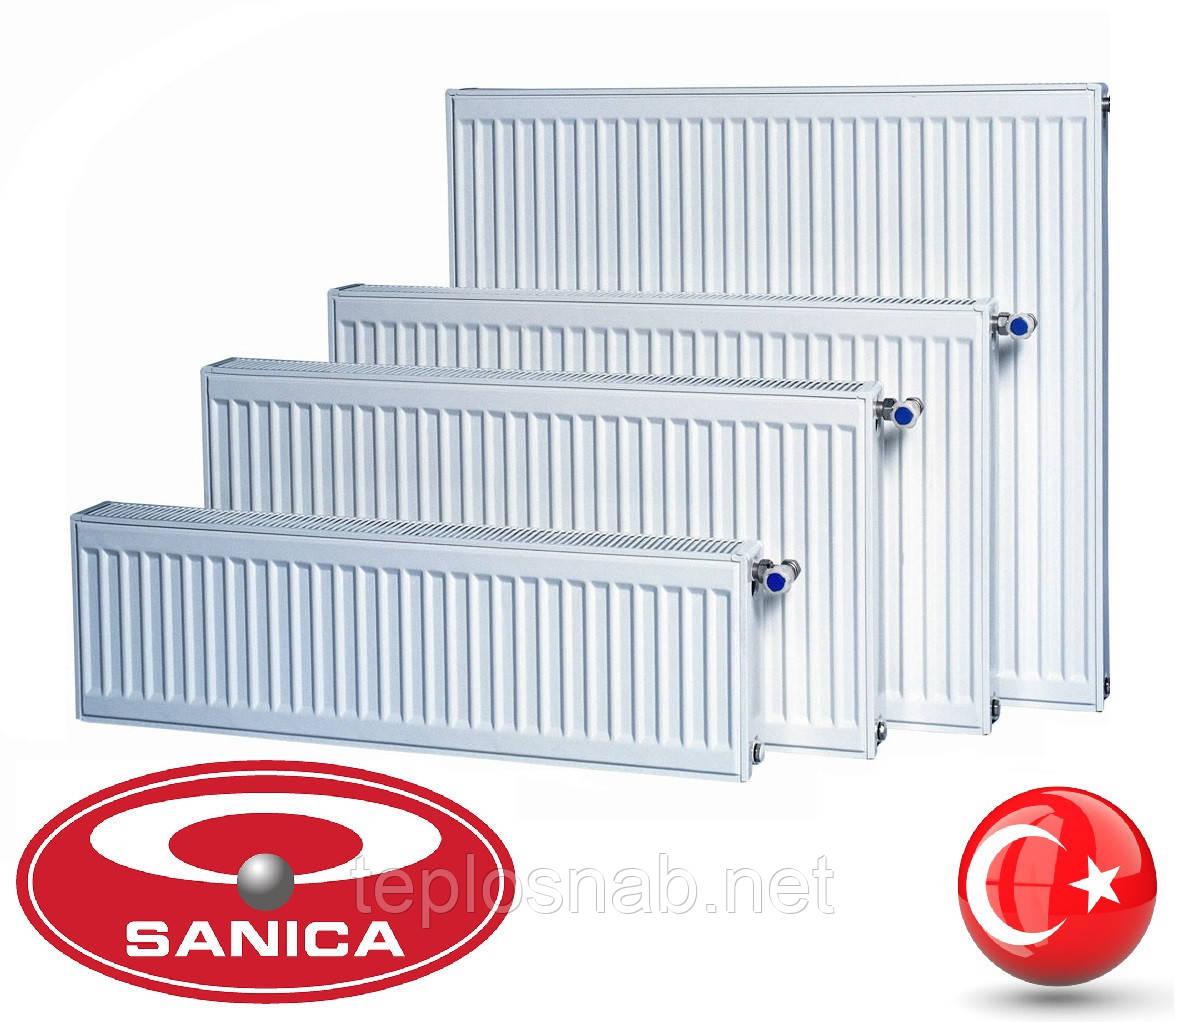 Стальной радиатор Sanica 11 тип (500 х 500 мм) / 494 Вт